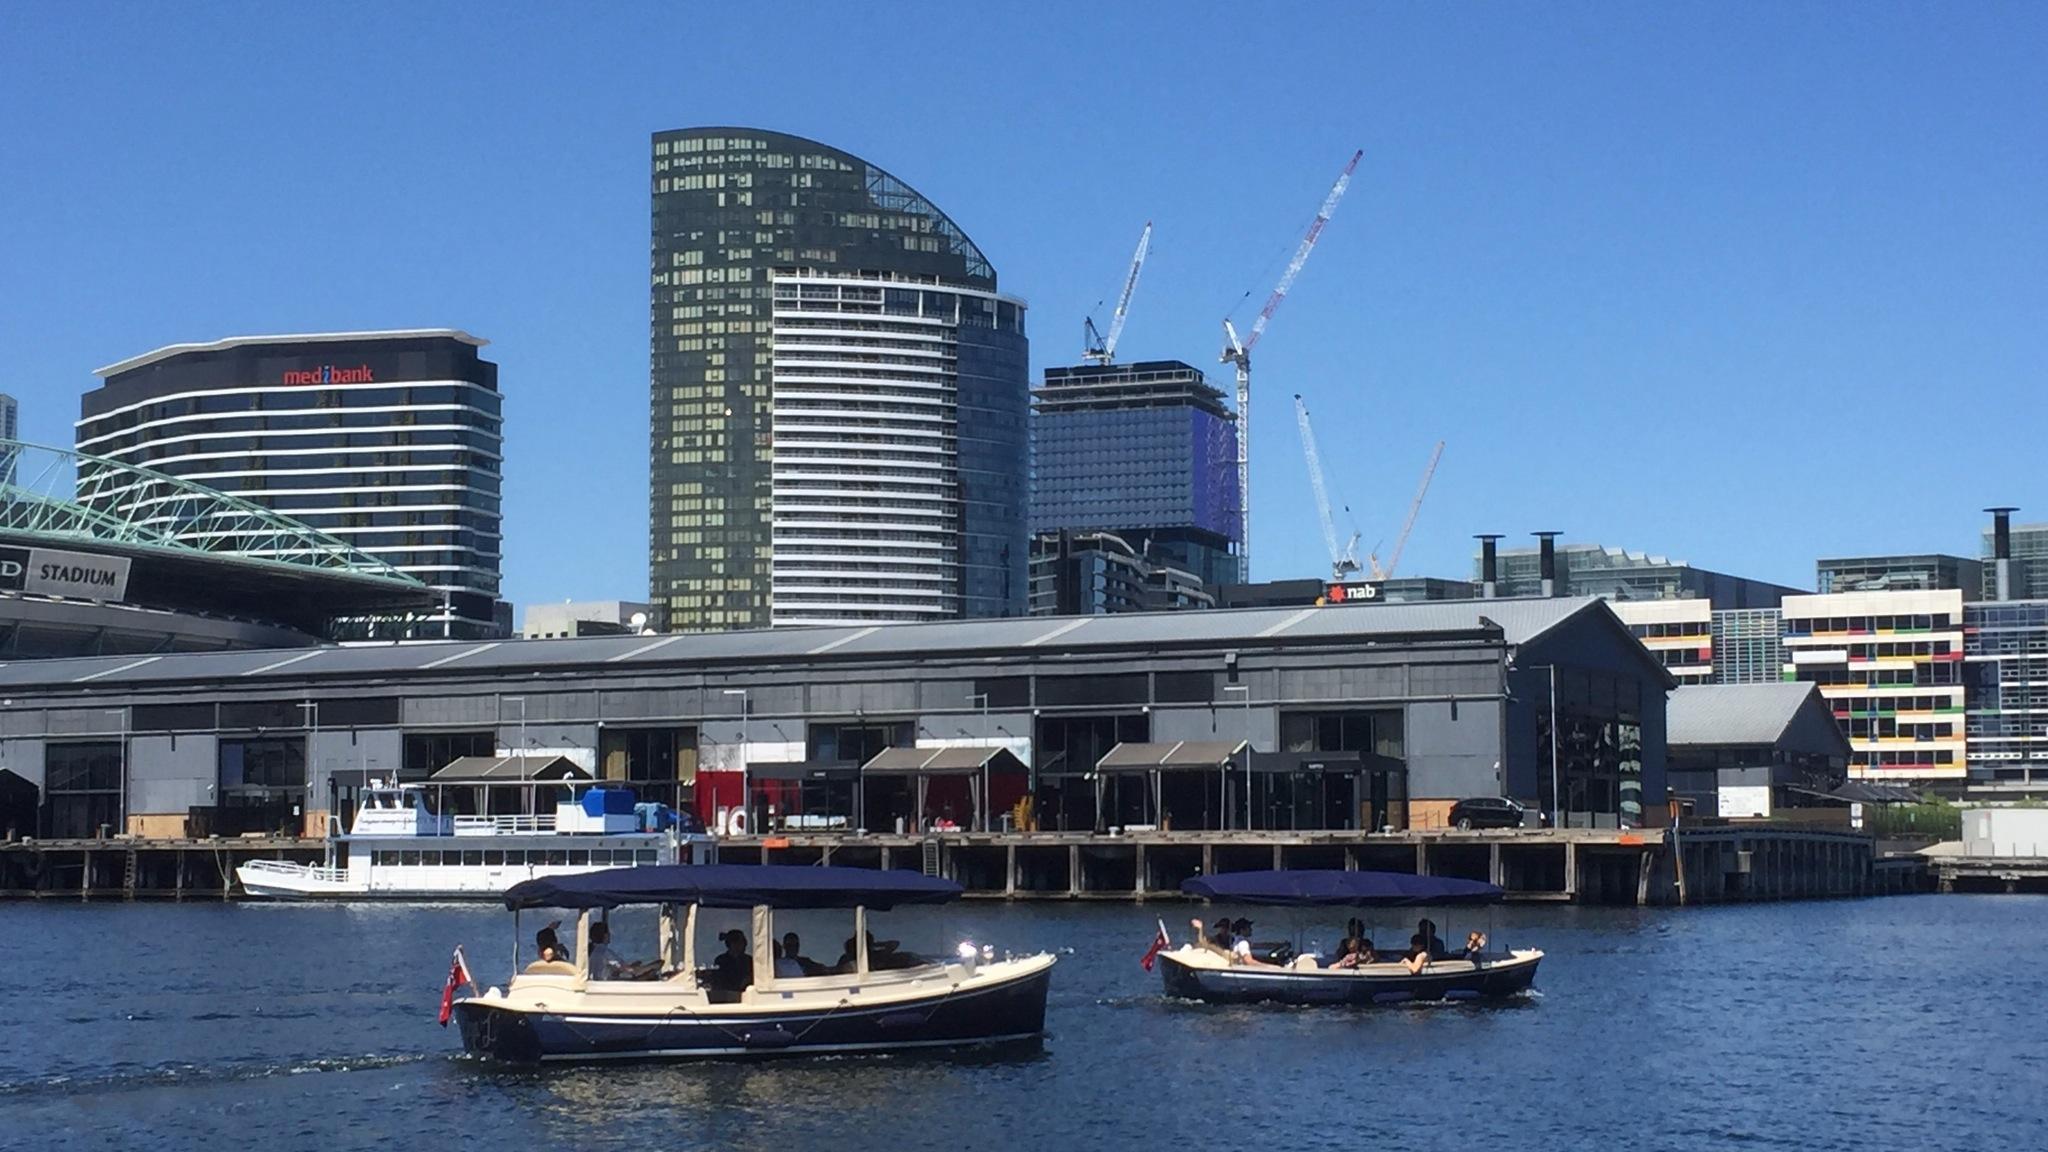 Self-drive boat hire Melbourne